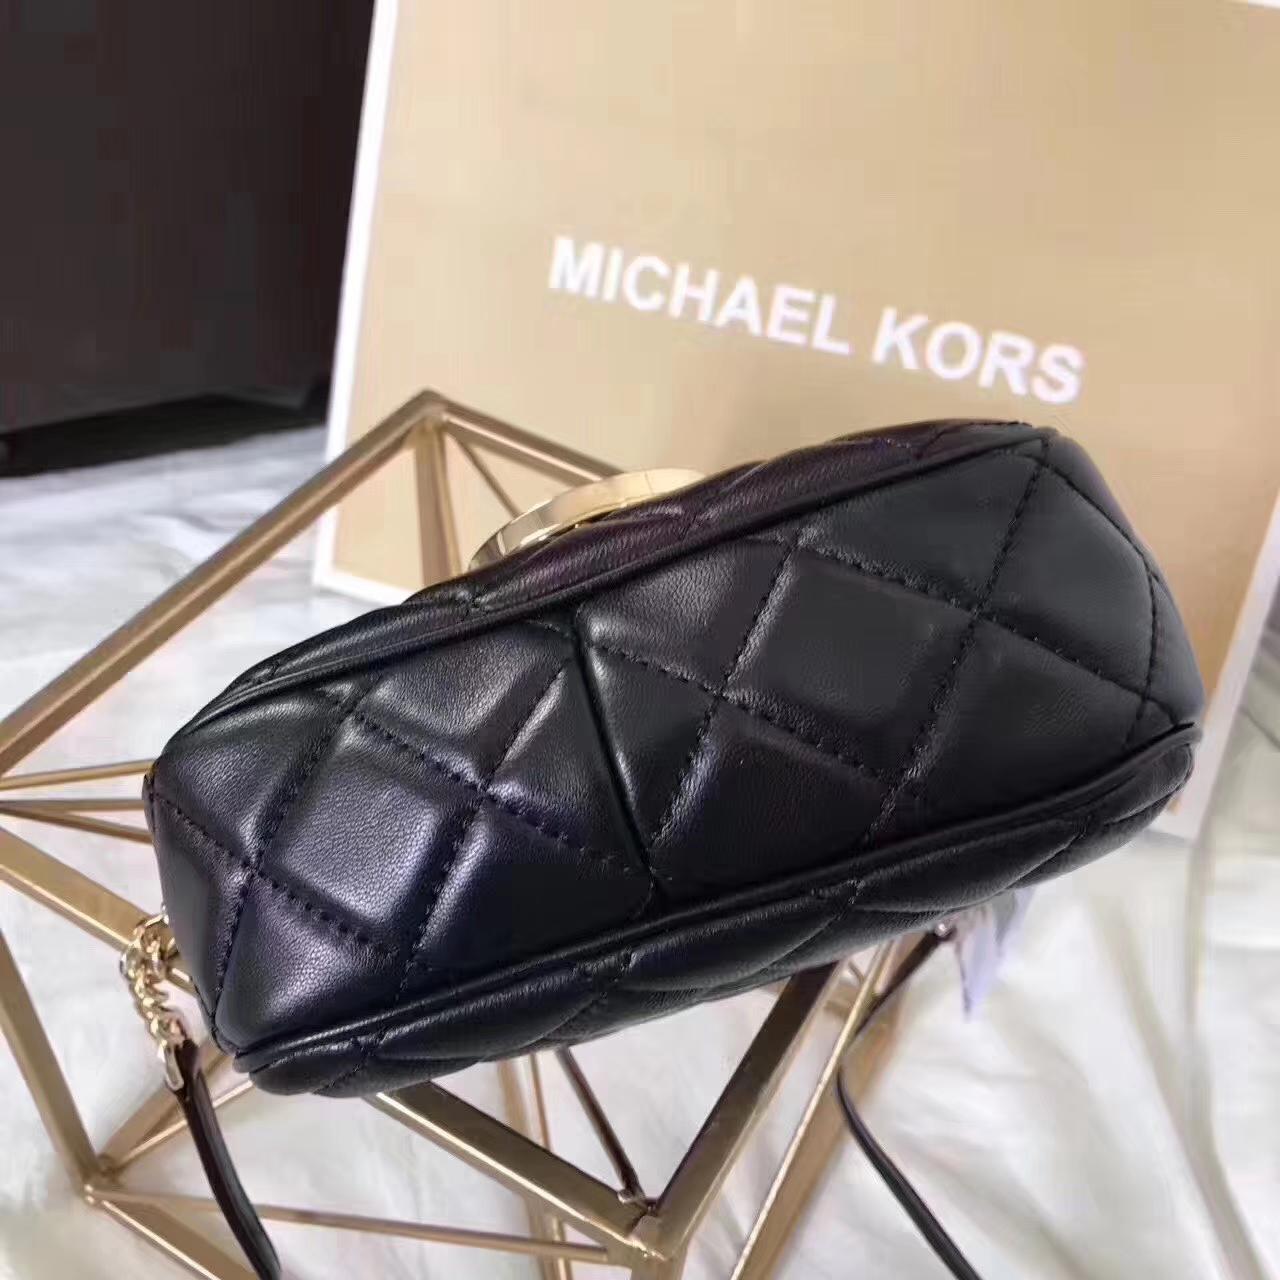 MK新款女包 迈克尔高仕黑色进口小羊皮单肩圆方包斜挎包18CM